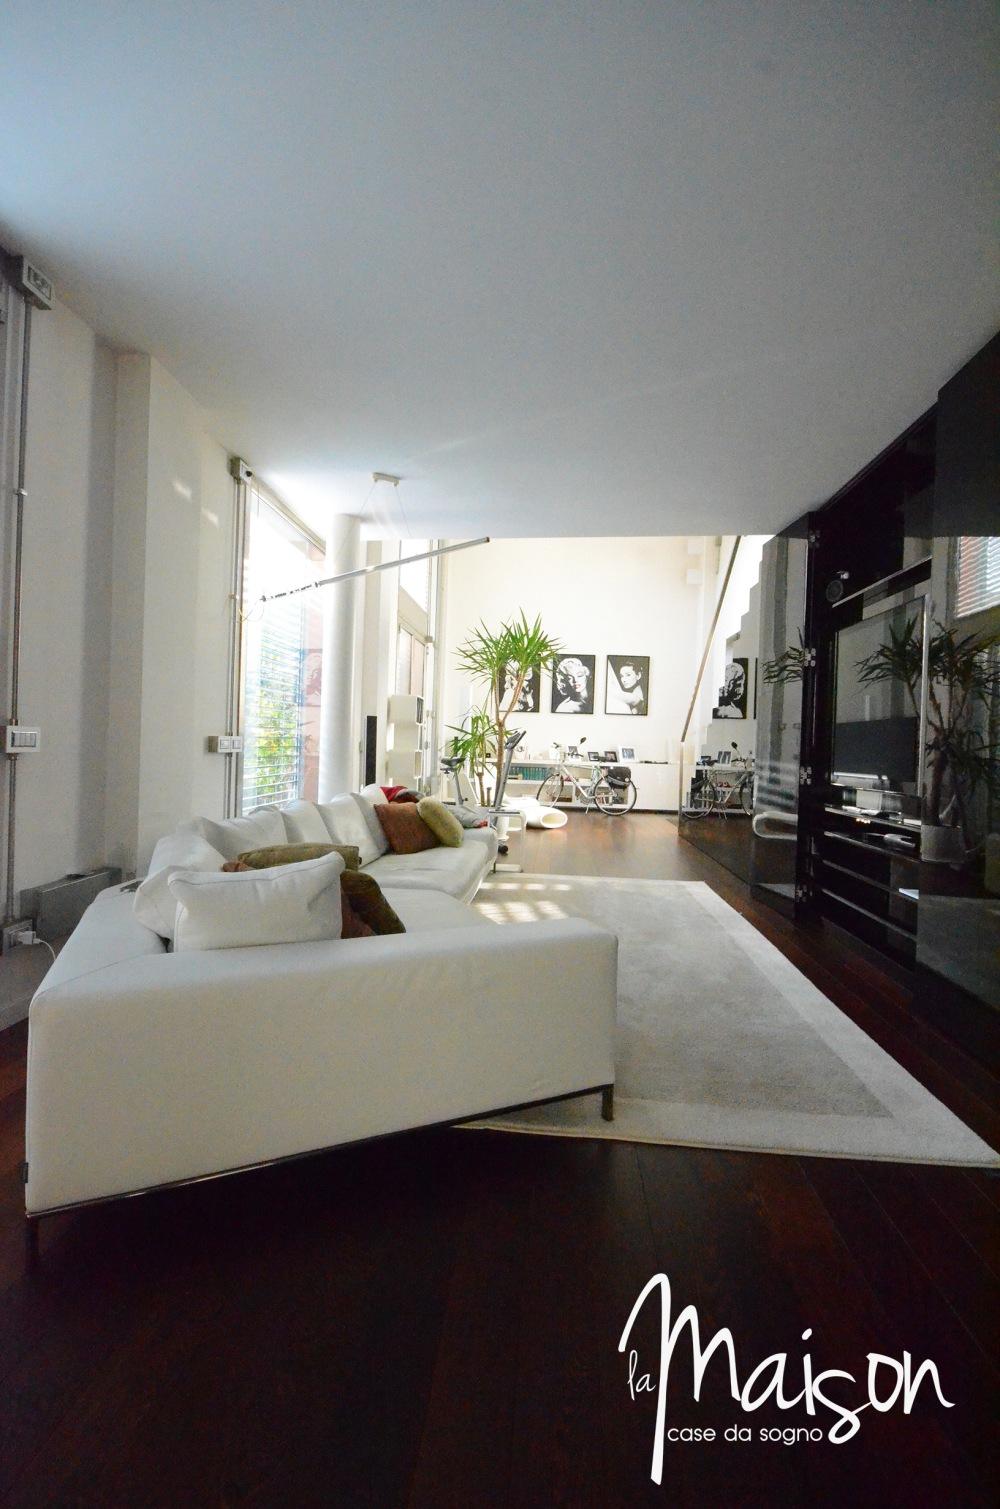 loft in vendita a prato case vendita prato studio immobiliare santa lucia agenzia immobiliare la maison case da sogno prato loft con giardino06.JPG